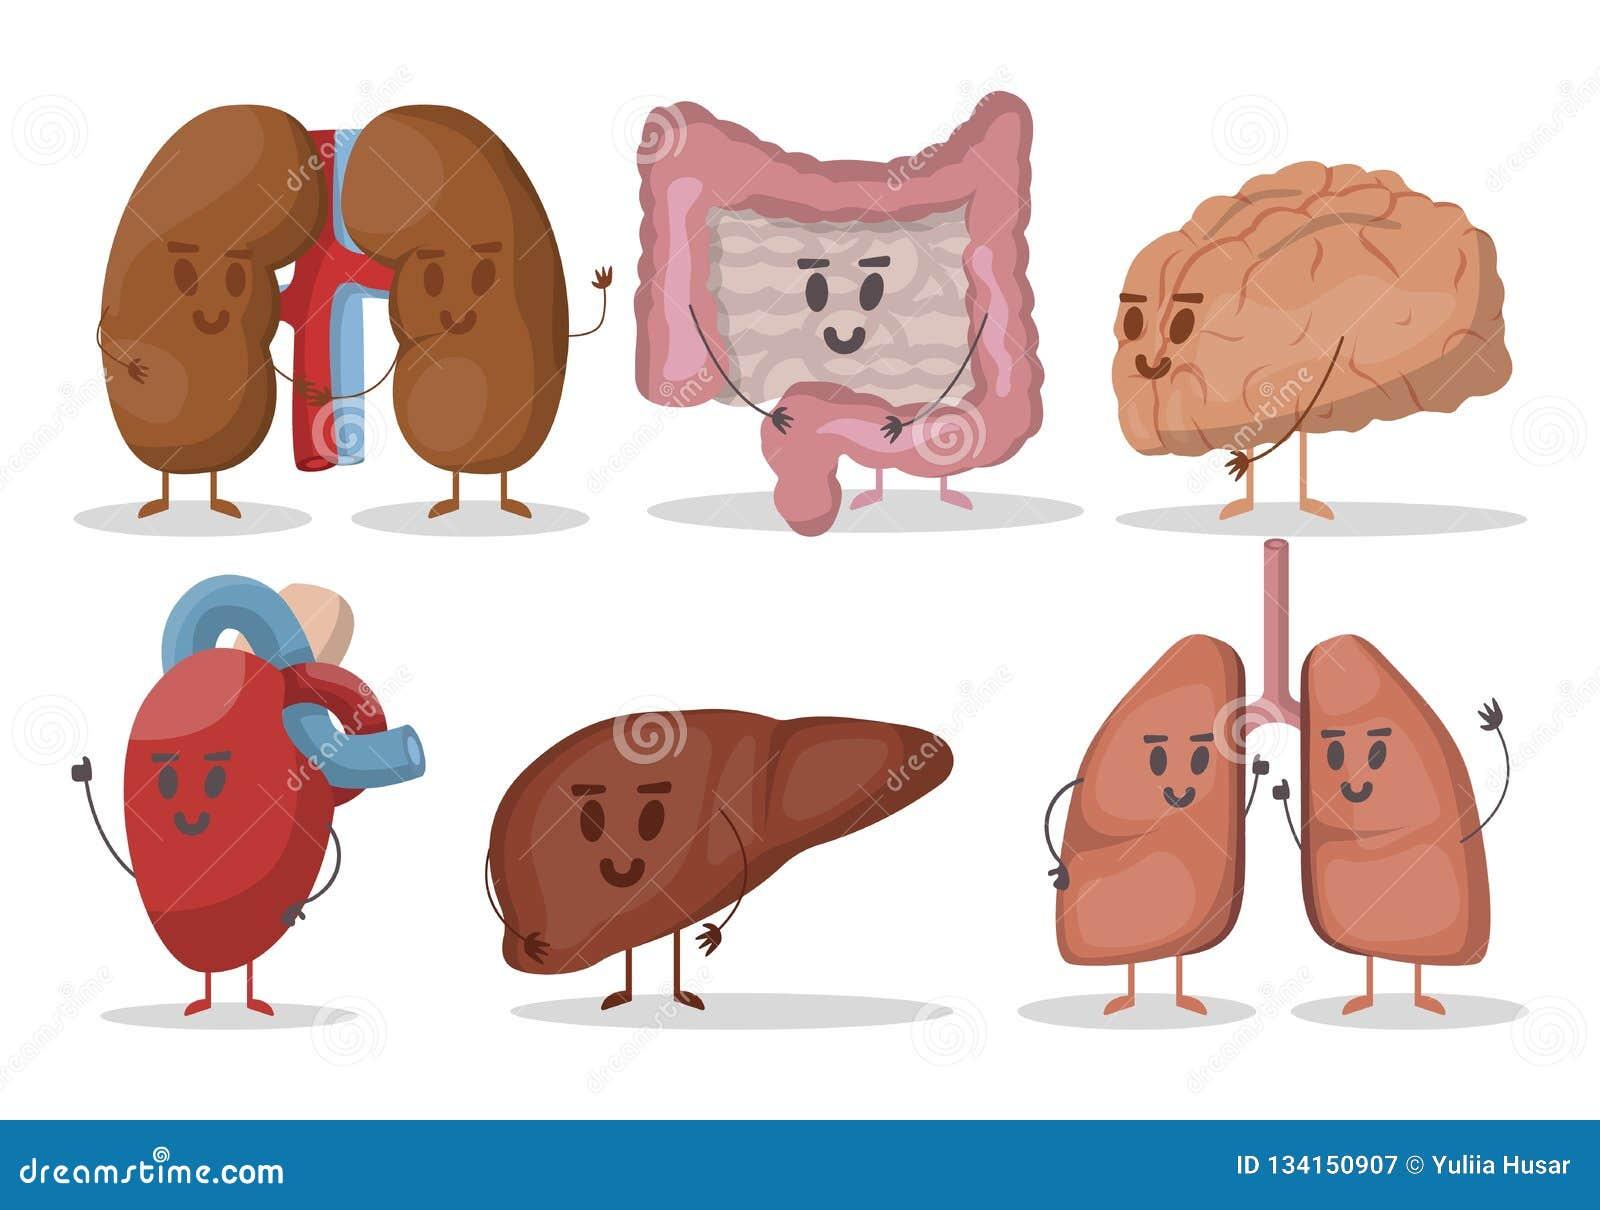 Vectorreeks menselijke interne organenillustraties Hart, longen, nieren, lever, hersenen, maag Glimlachende karakters